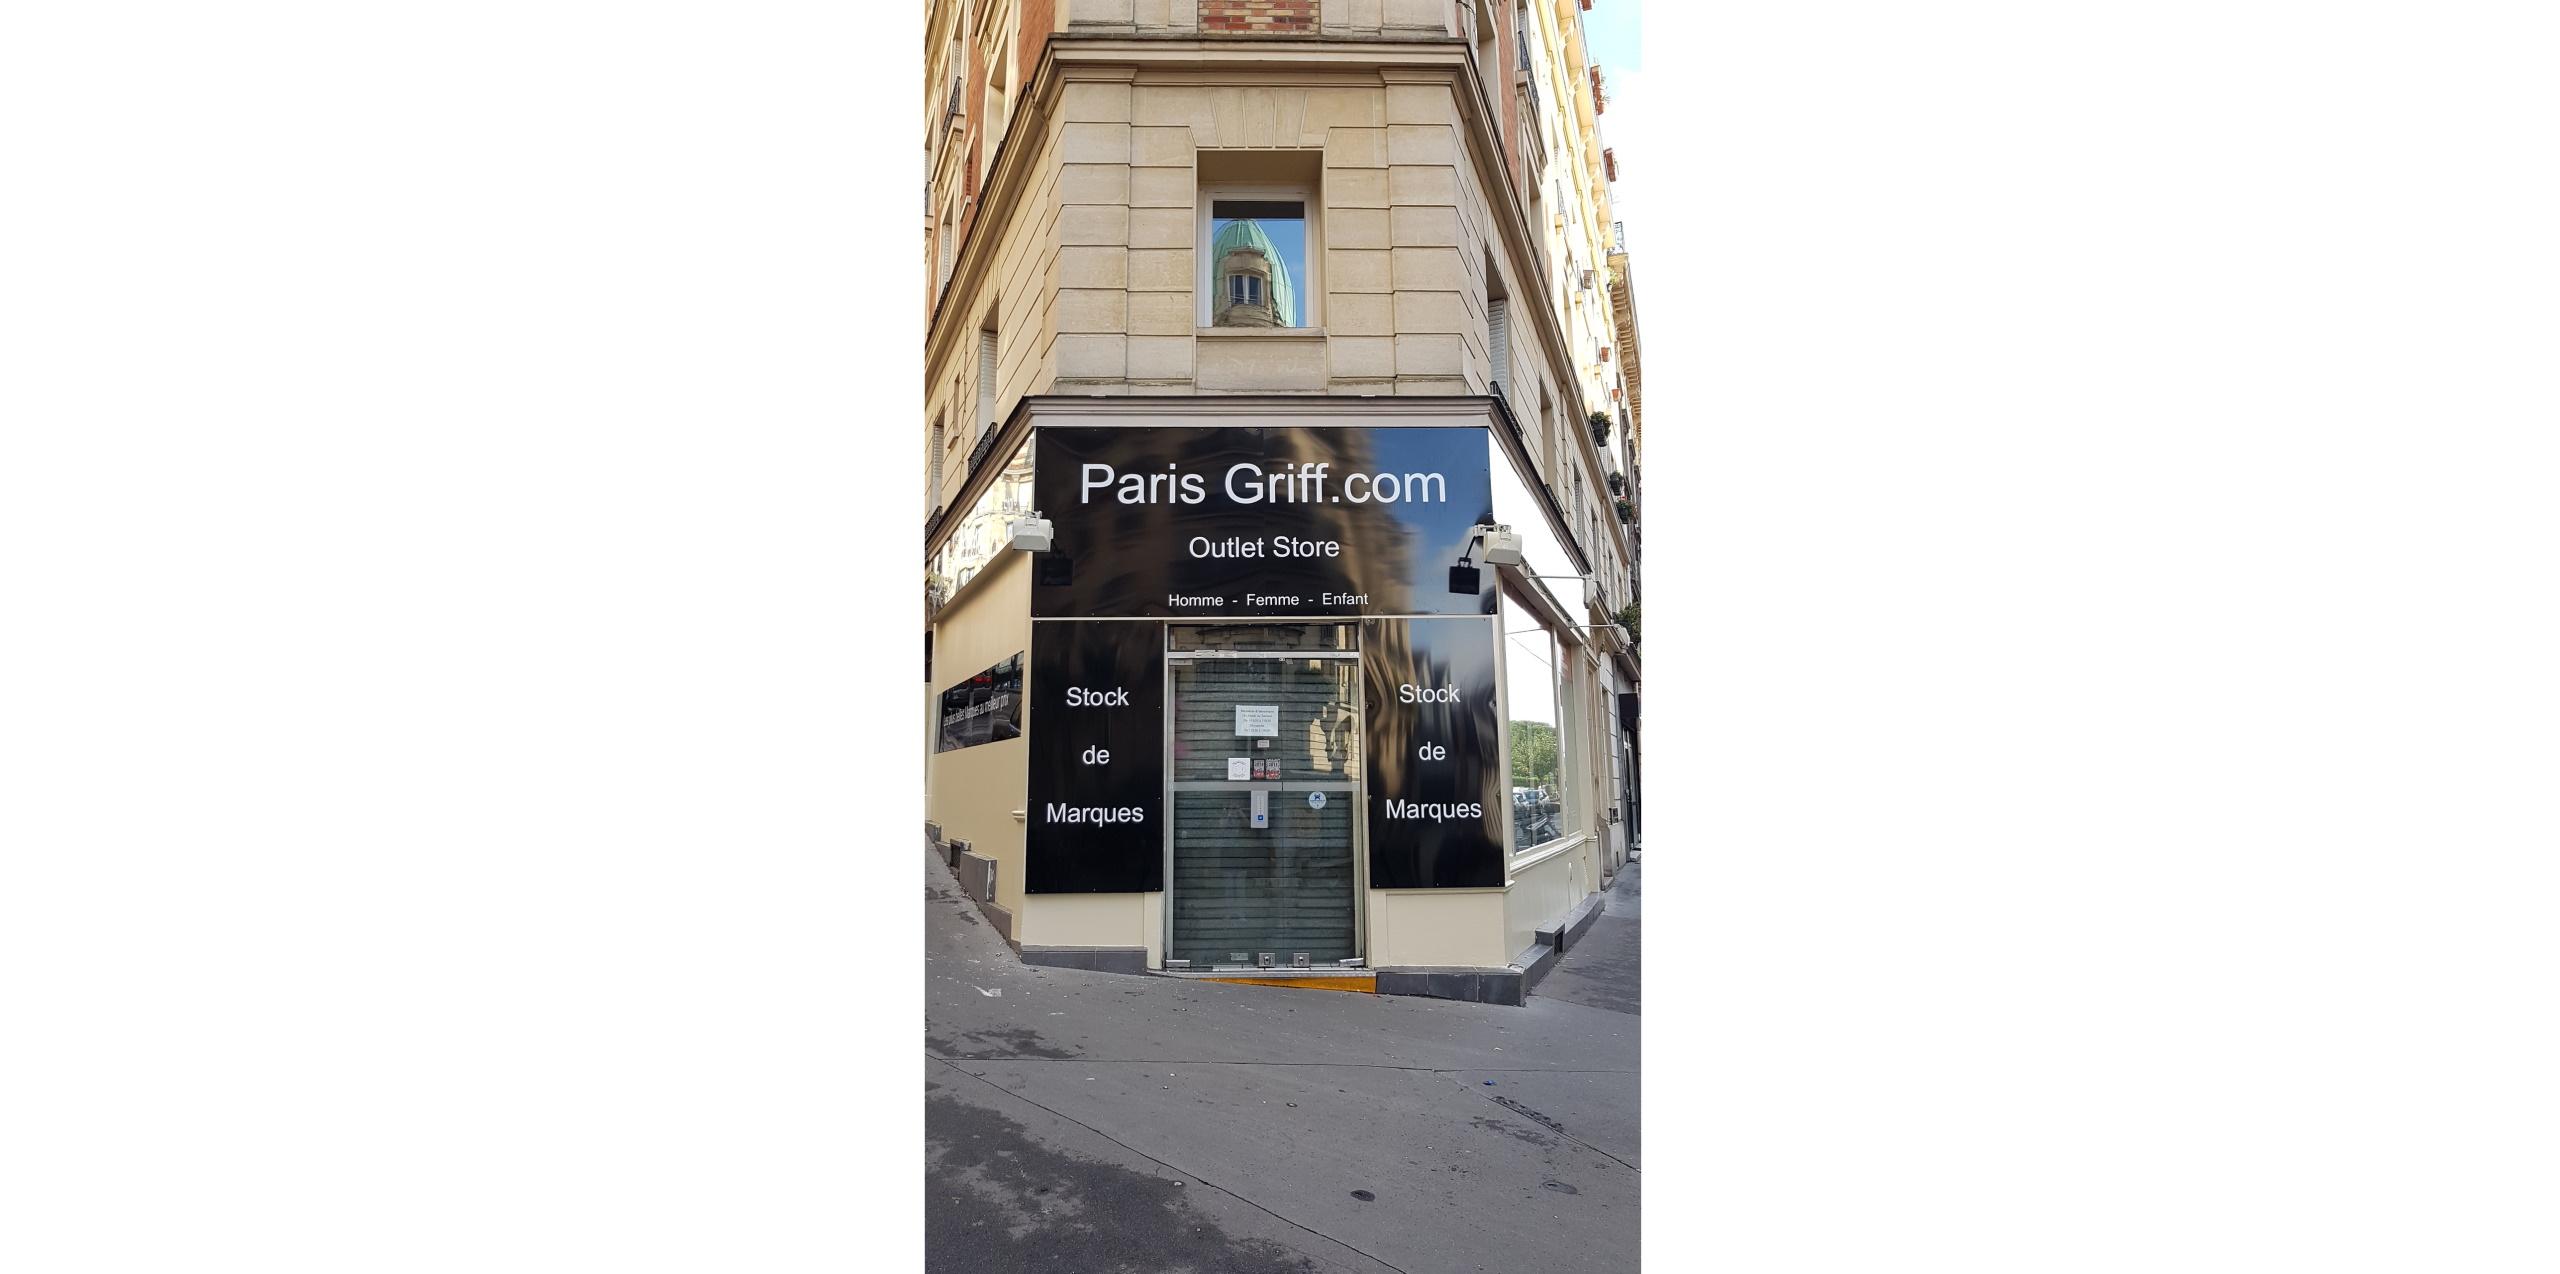 Paris griff v tements de grandes marques griff et d griff prix discount a paris - Vente privee com grandes marques a prix discount ...